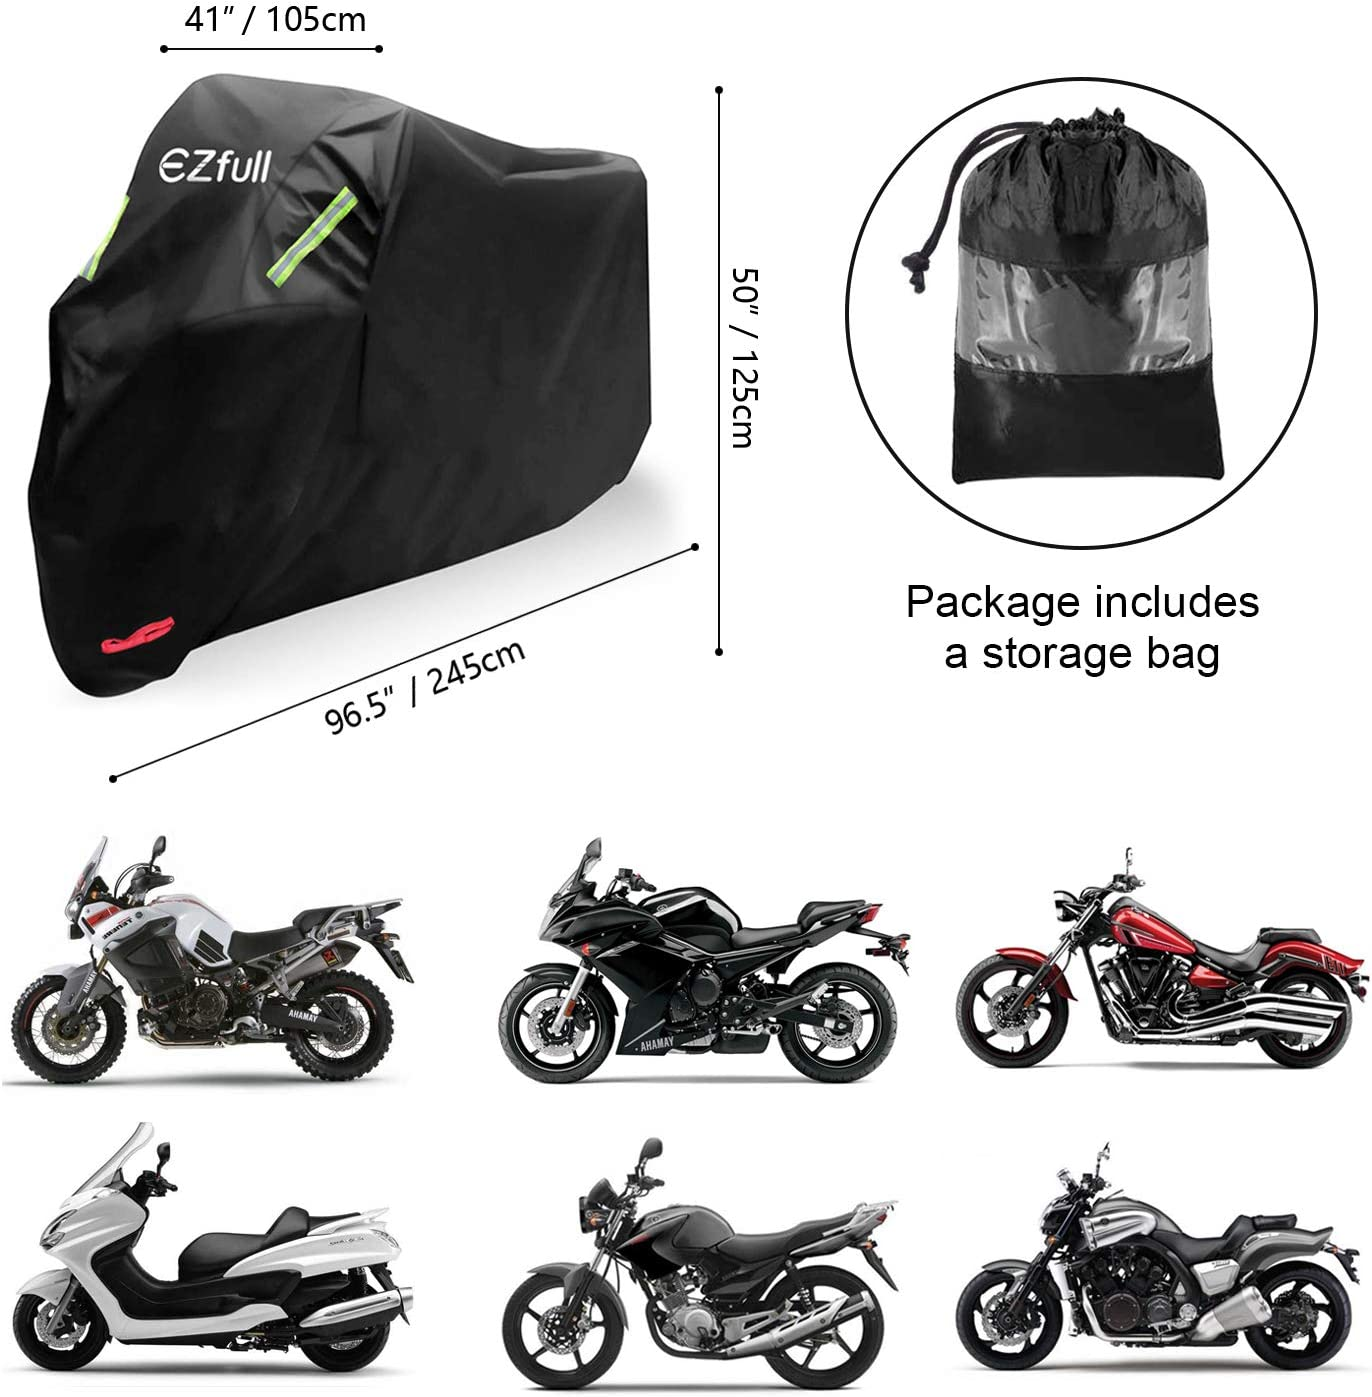 resistente allinverno Honda Kawasaki Suzuki 245 x 105 x 125 cm per esterni EZfull Telo di copertura impermeabile per moto tessuto Oxford con fori per Harley-Davidson . 210D